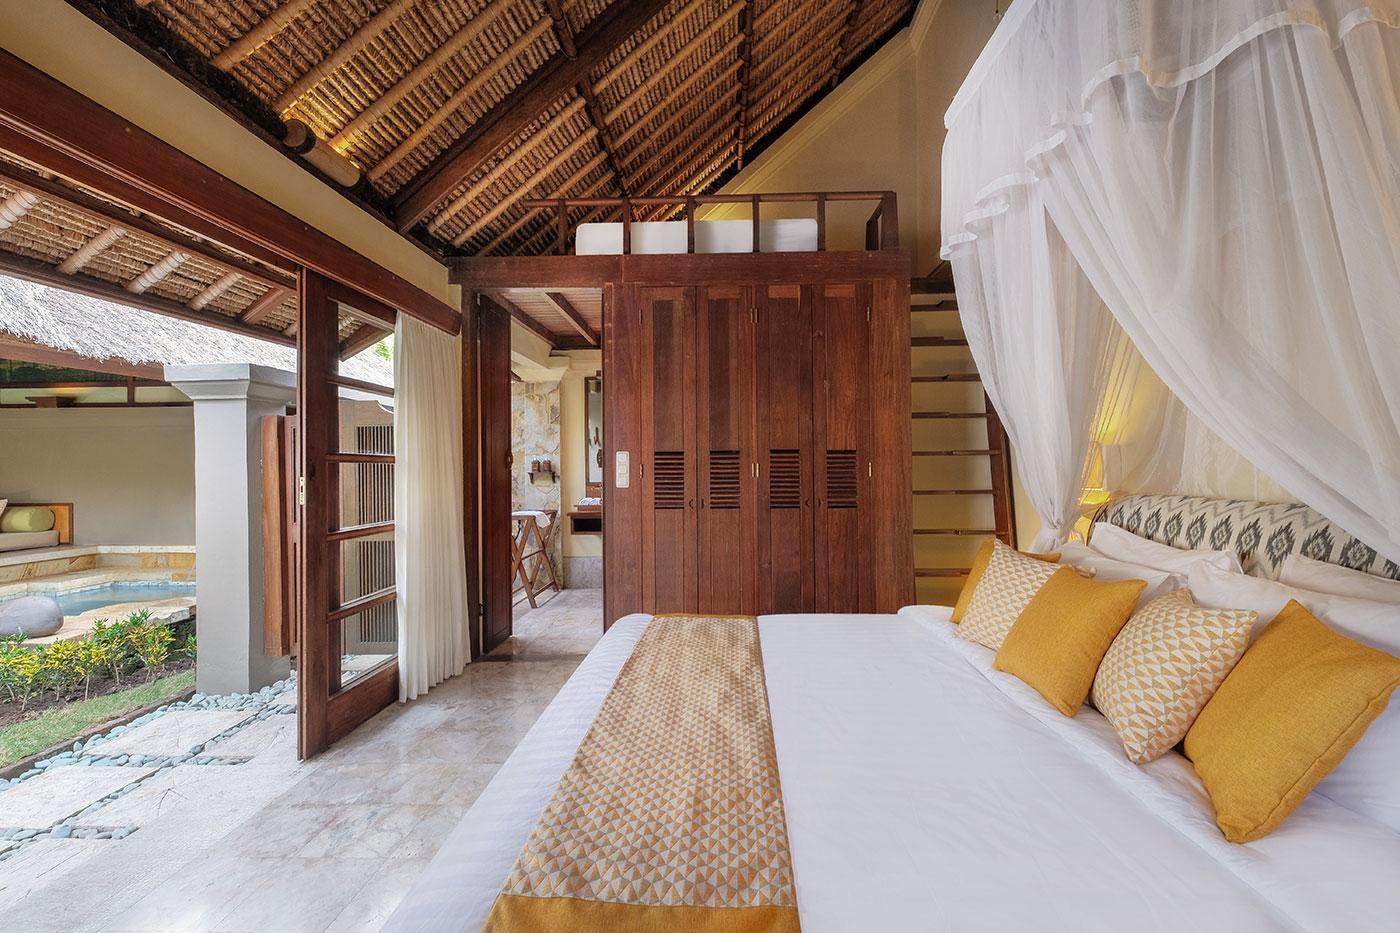 Mimpi Resort Menjangan West Bali